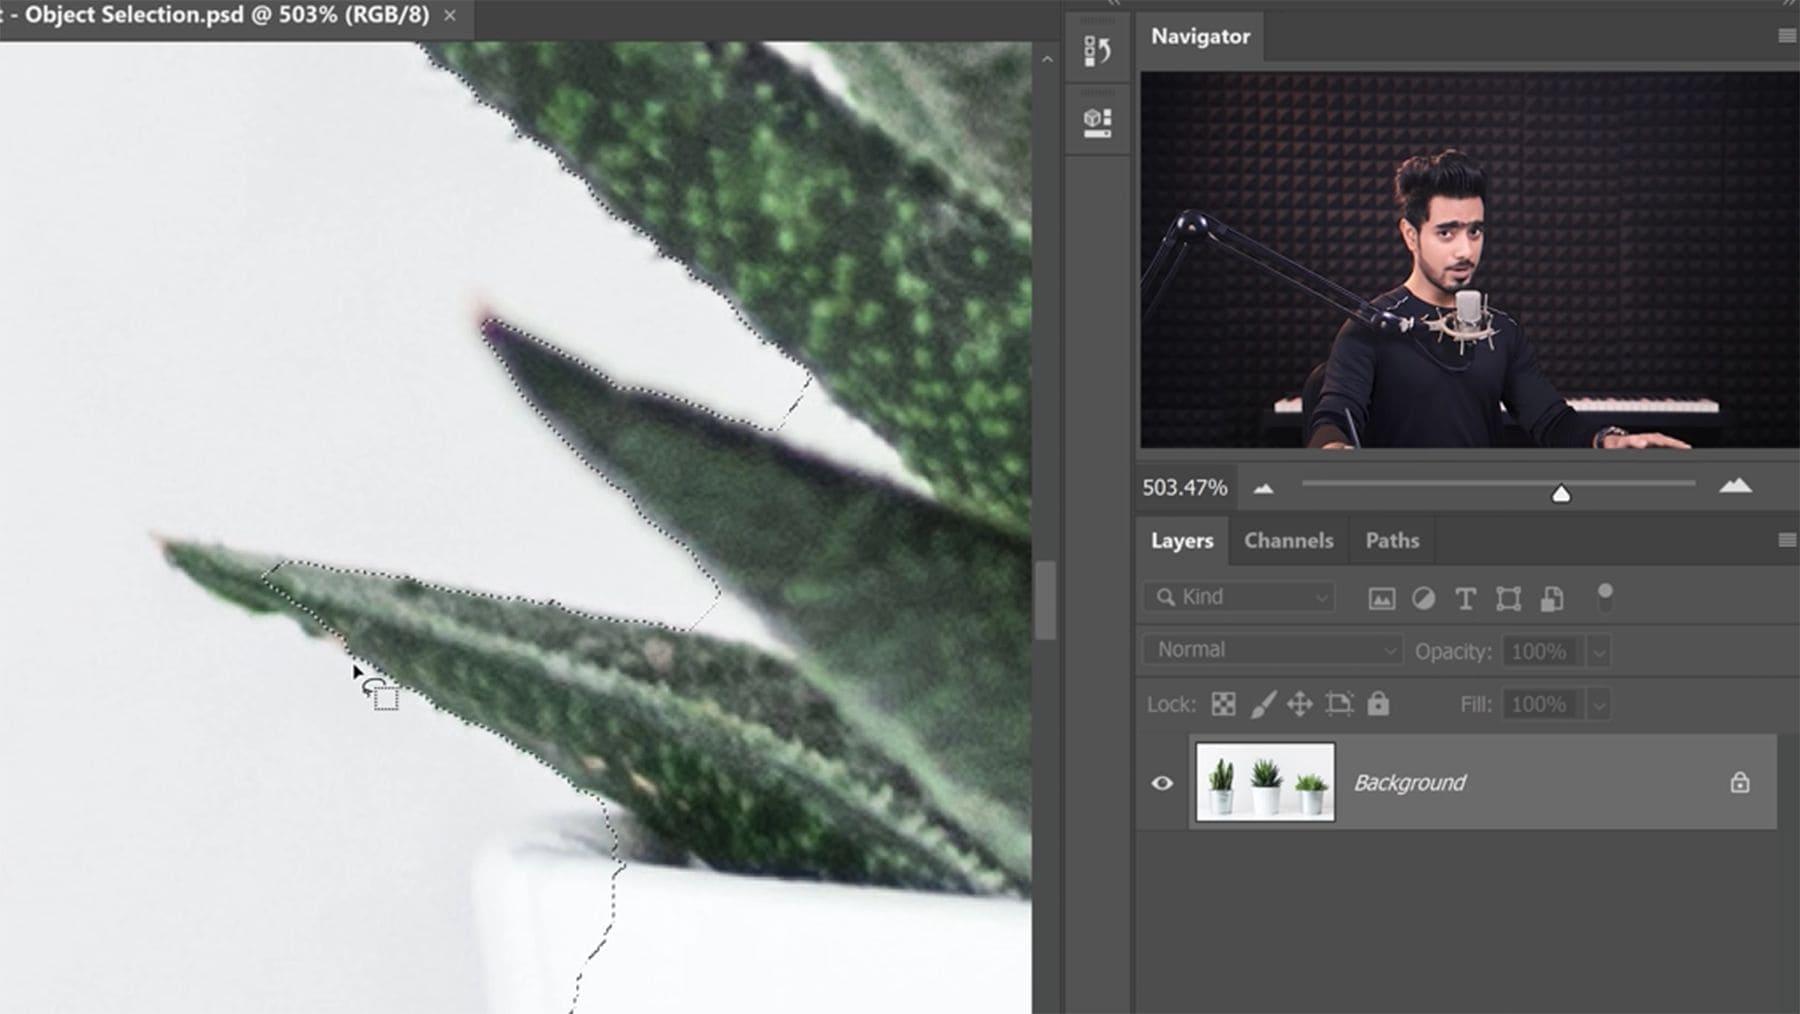 Wie man in Photoshop Objekte präziser auswählt | Nerd-Kram | Was is hier eigentlich los?